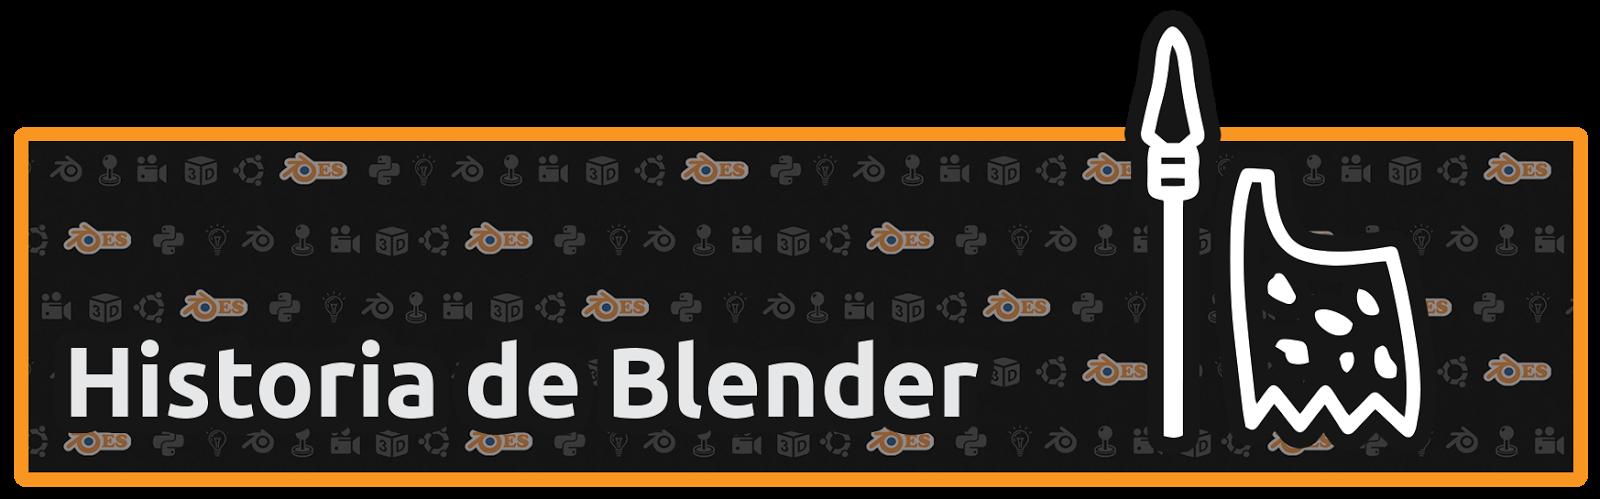 Boton_Historia-de-Blender